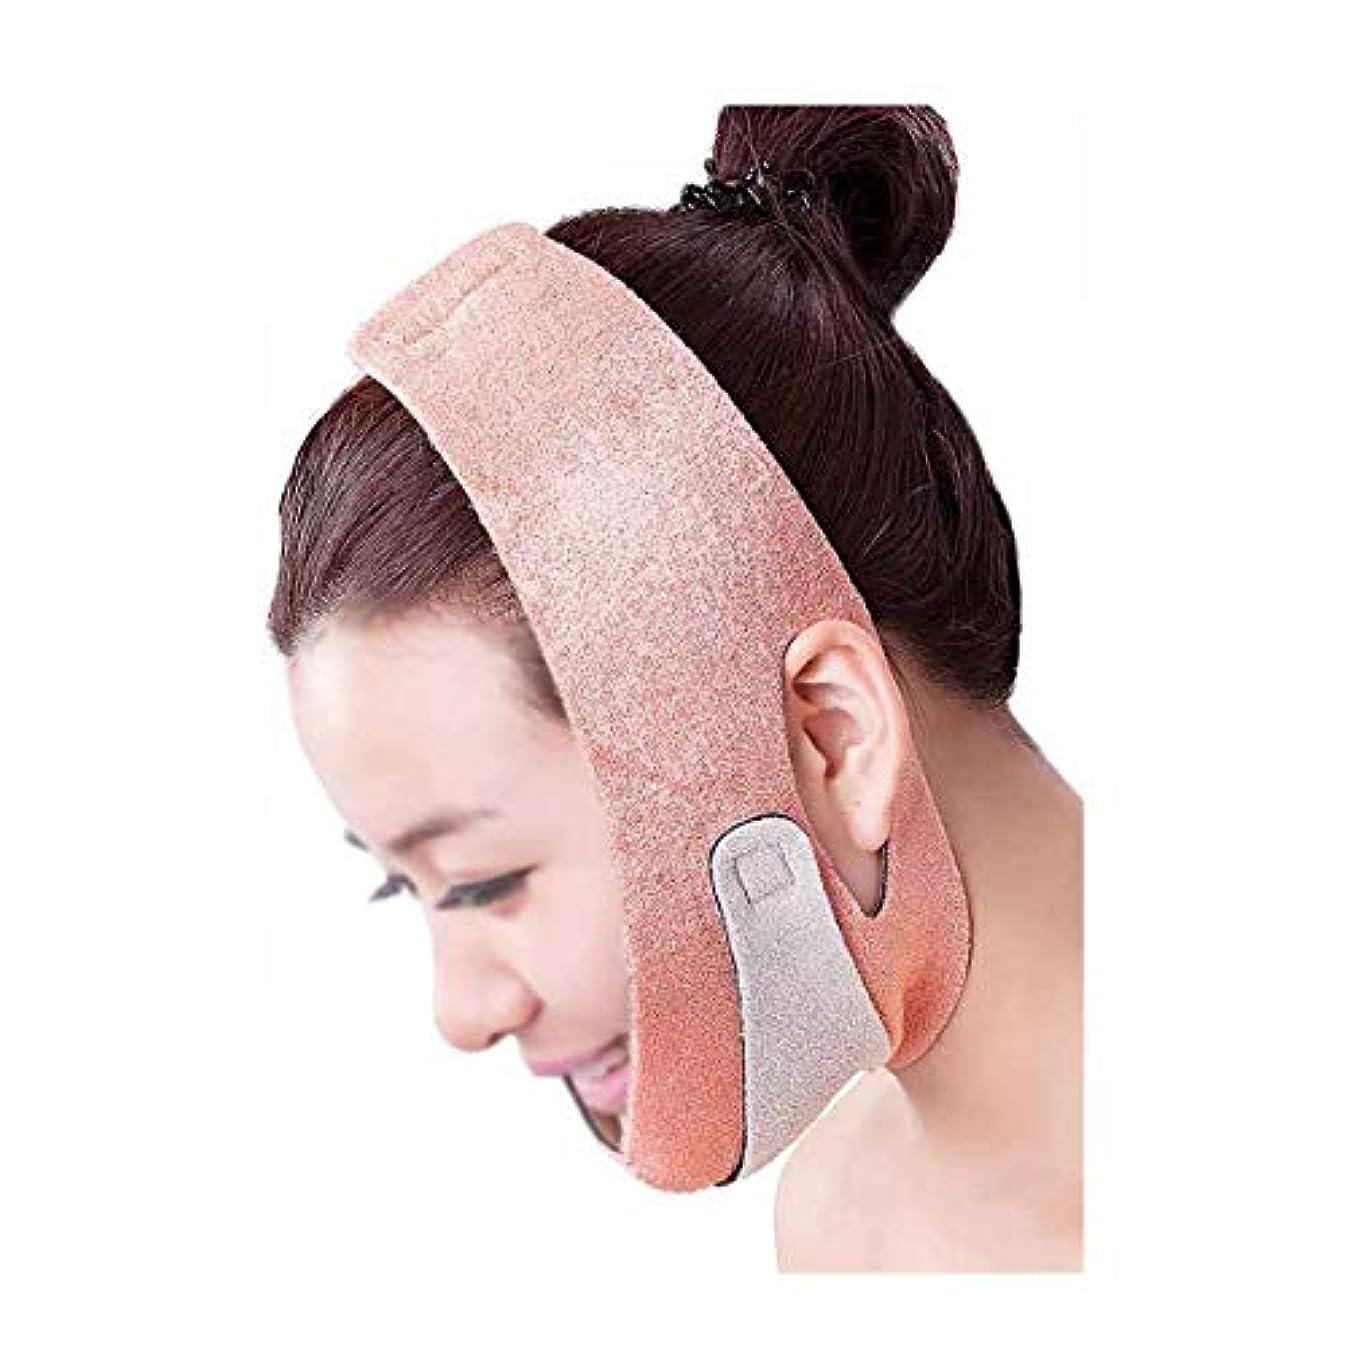 サーキットに行く不十分ミュウミュウHUYYA 女性の顔を持ち上げるベルト、二重あごの減量顔 Vライン頬 しわ防止包帯,Pink_X-Large